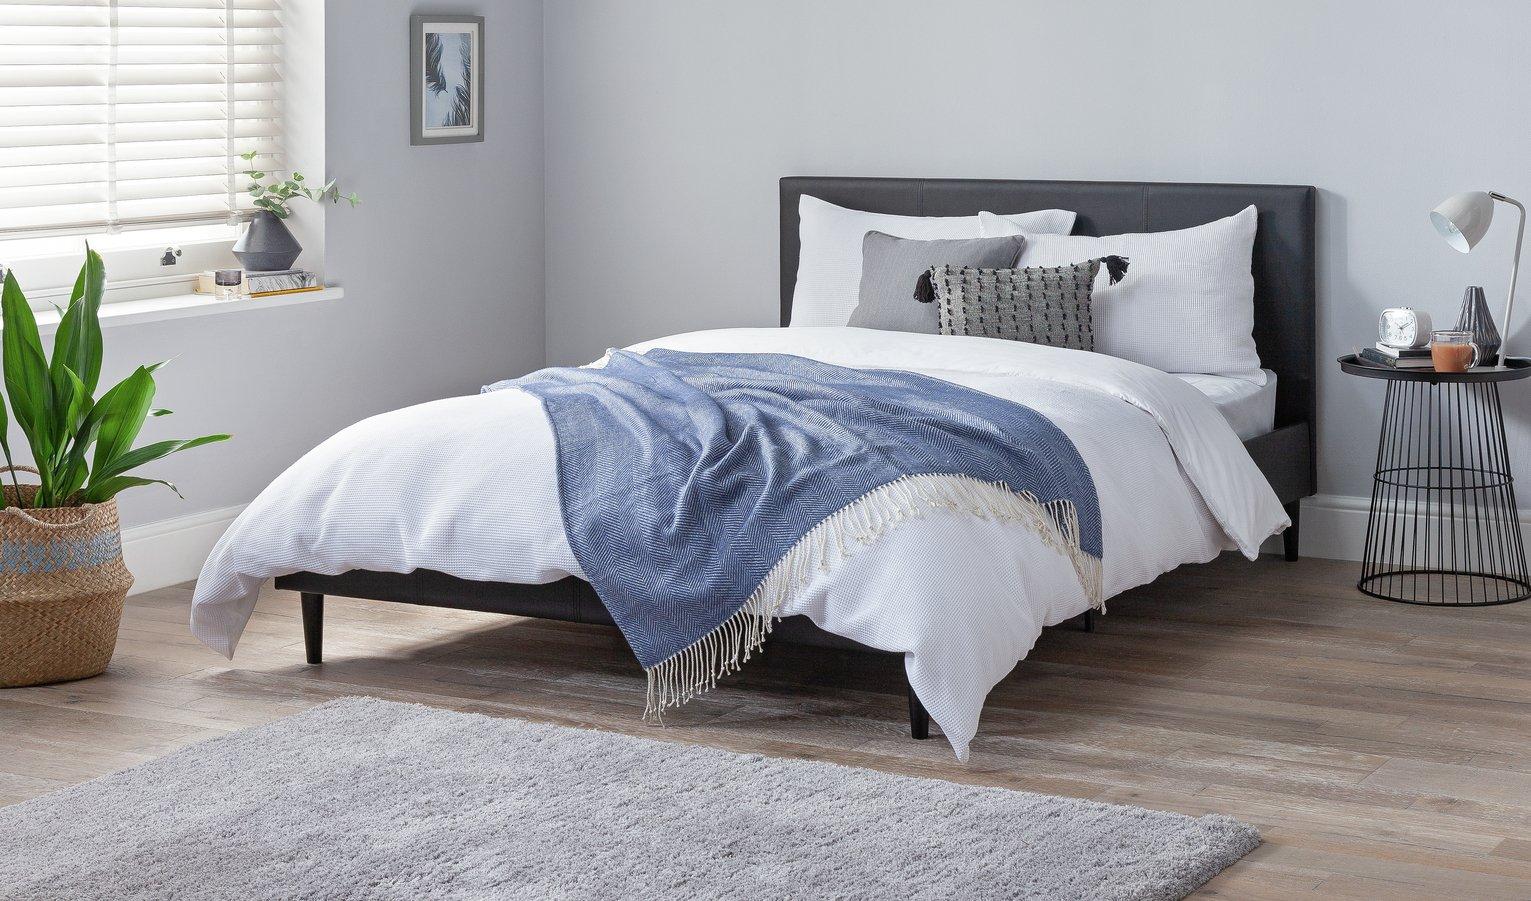 Argos Home Skylar Double Bed Frame - Black